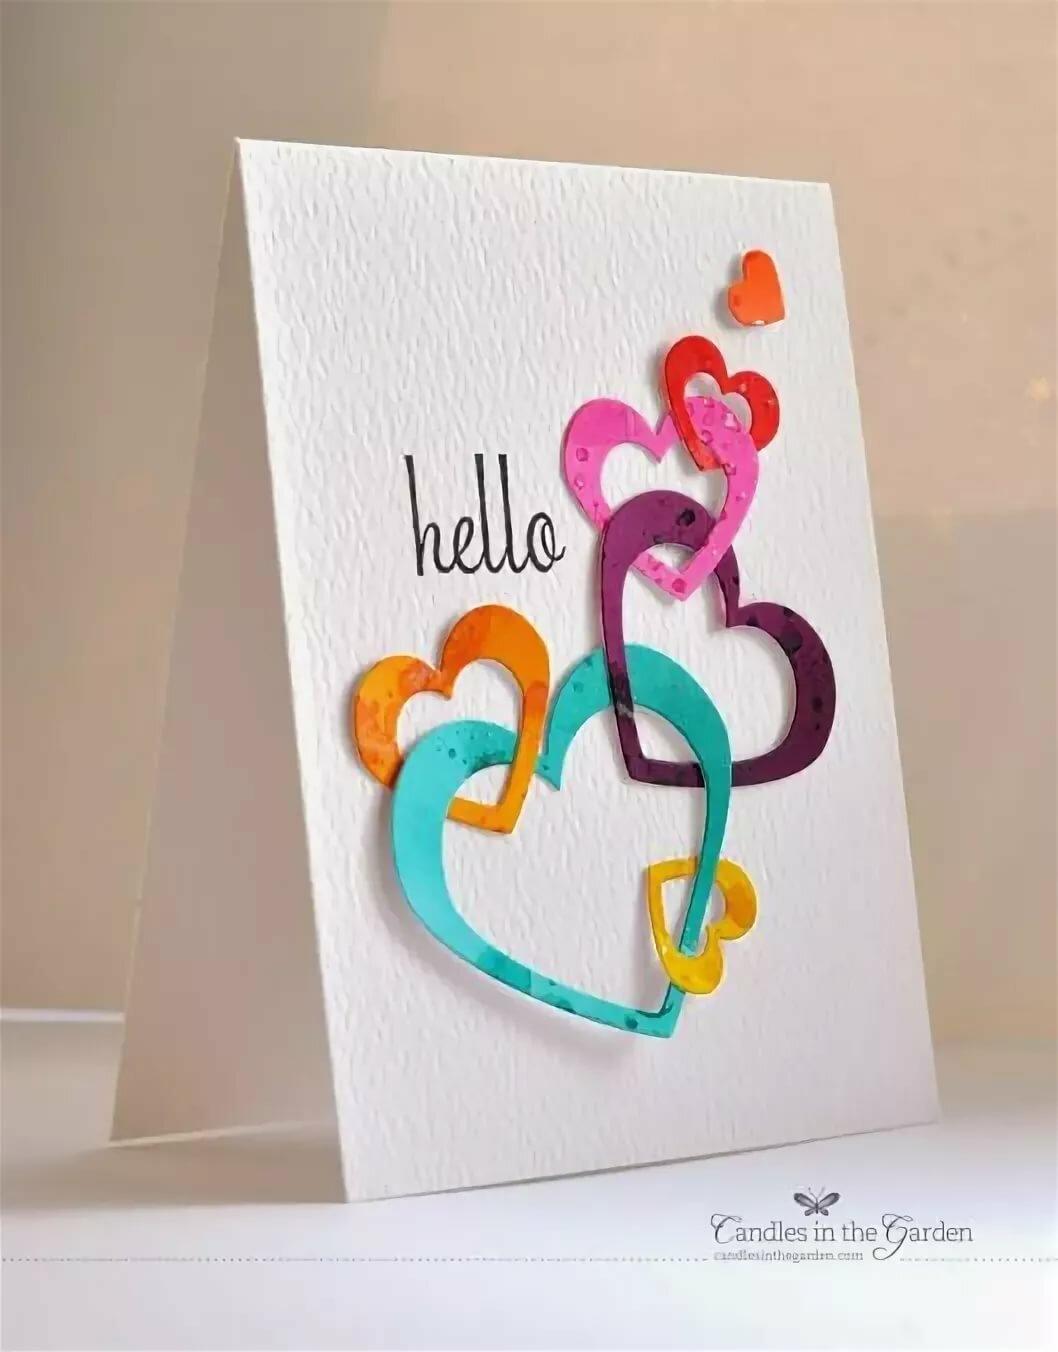 Передача настроения праздника в дизайне открытки фигурная открытка 3 класс, именные открытки днем